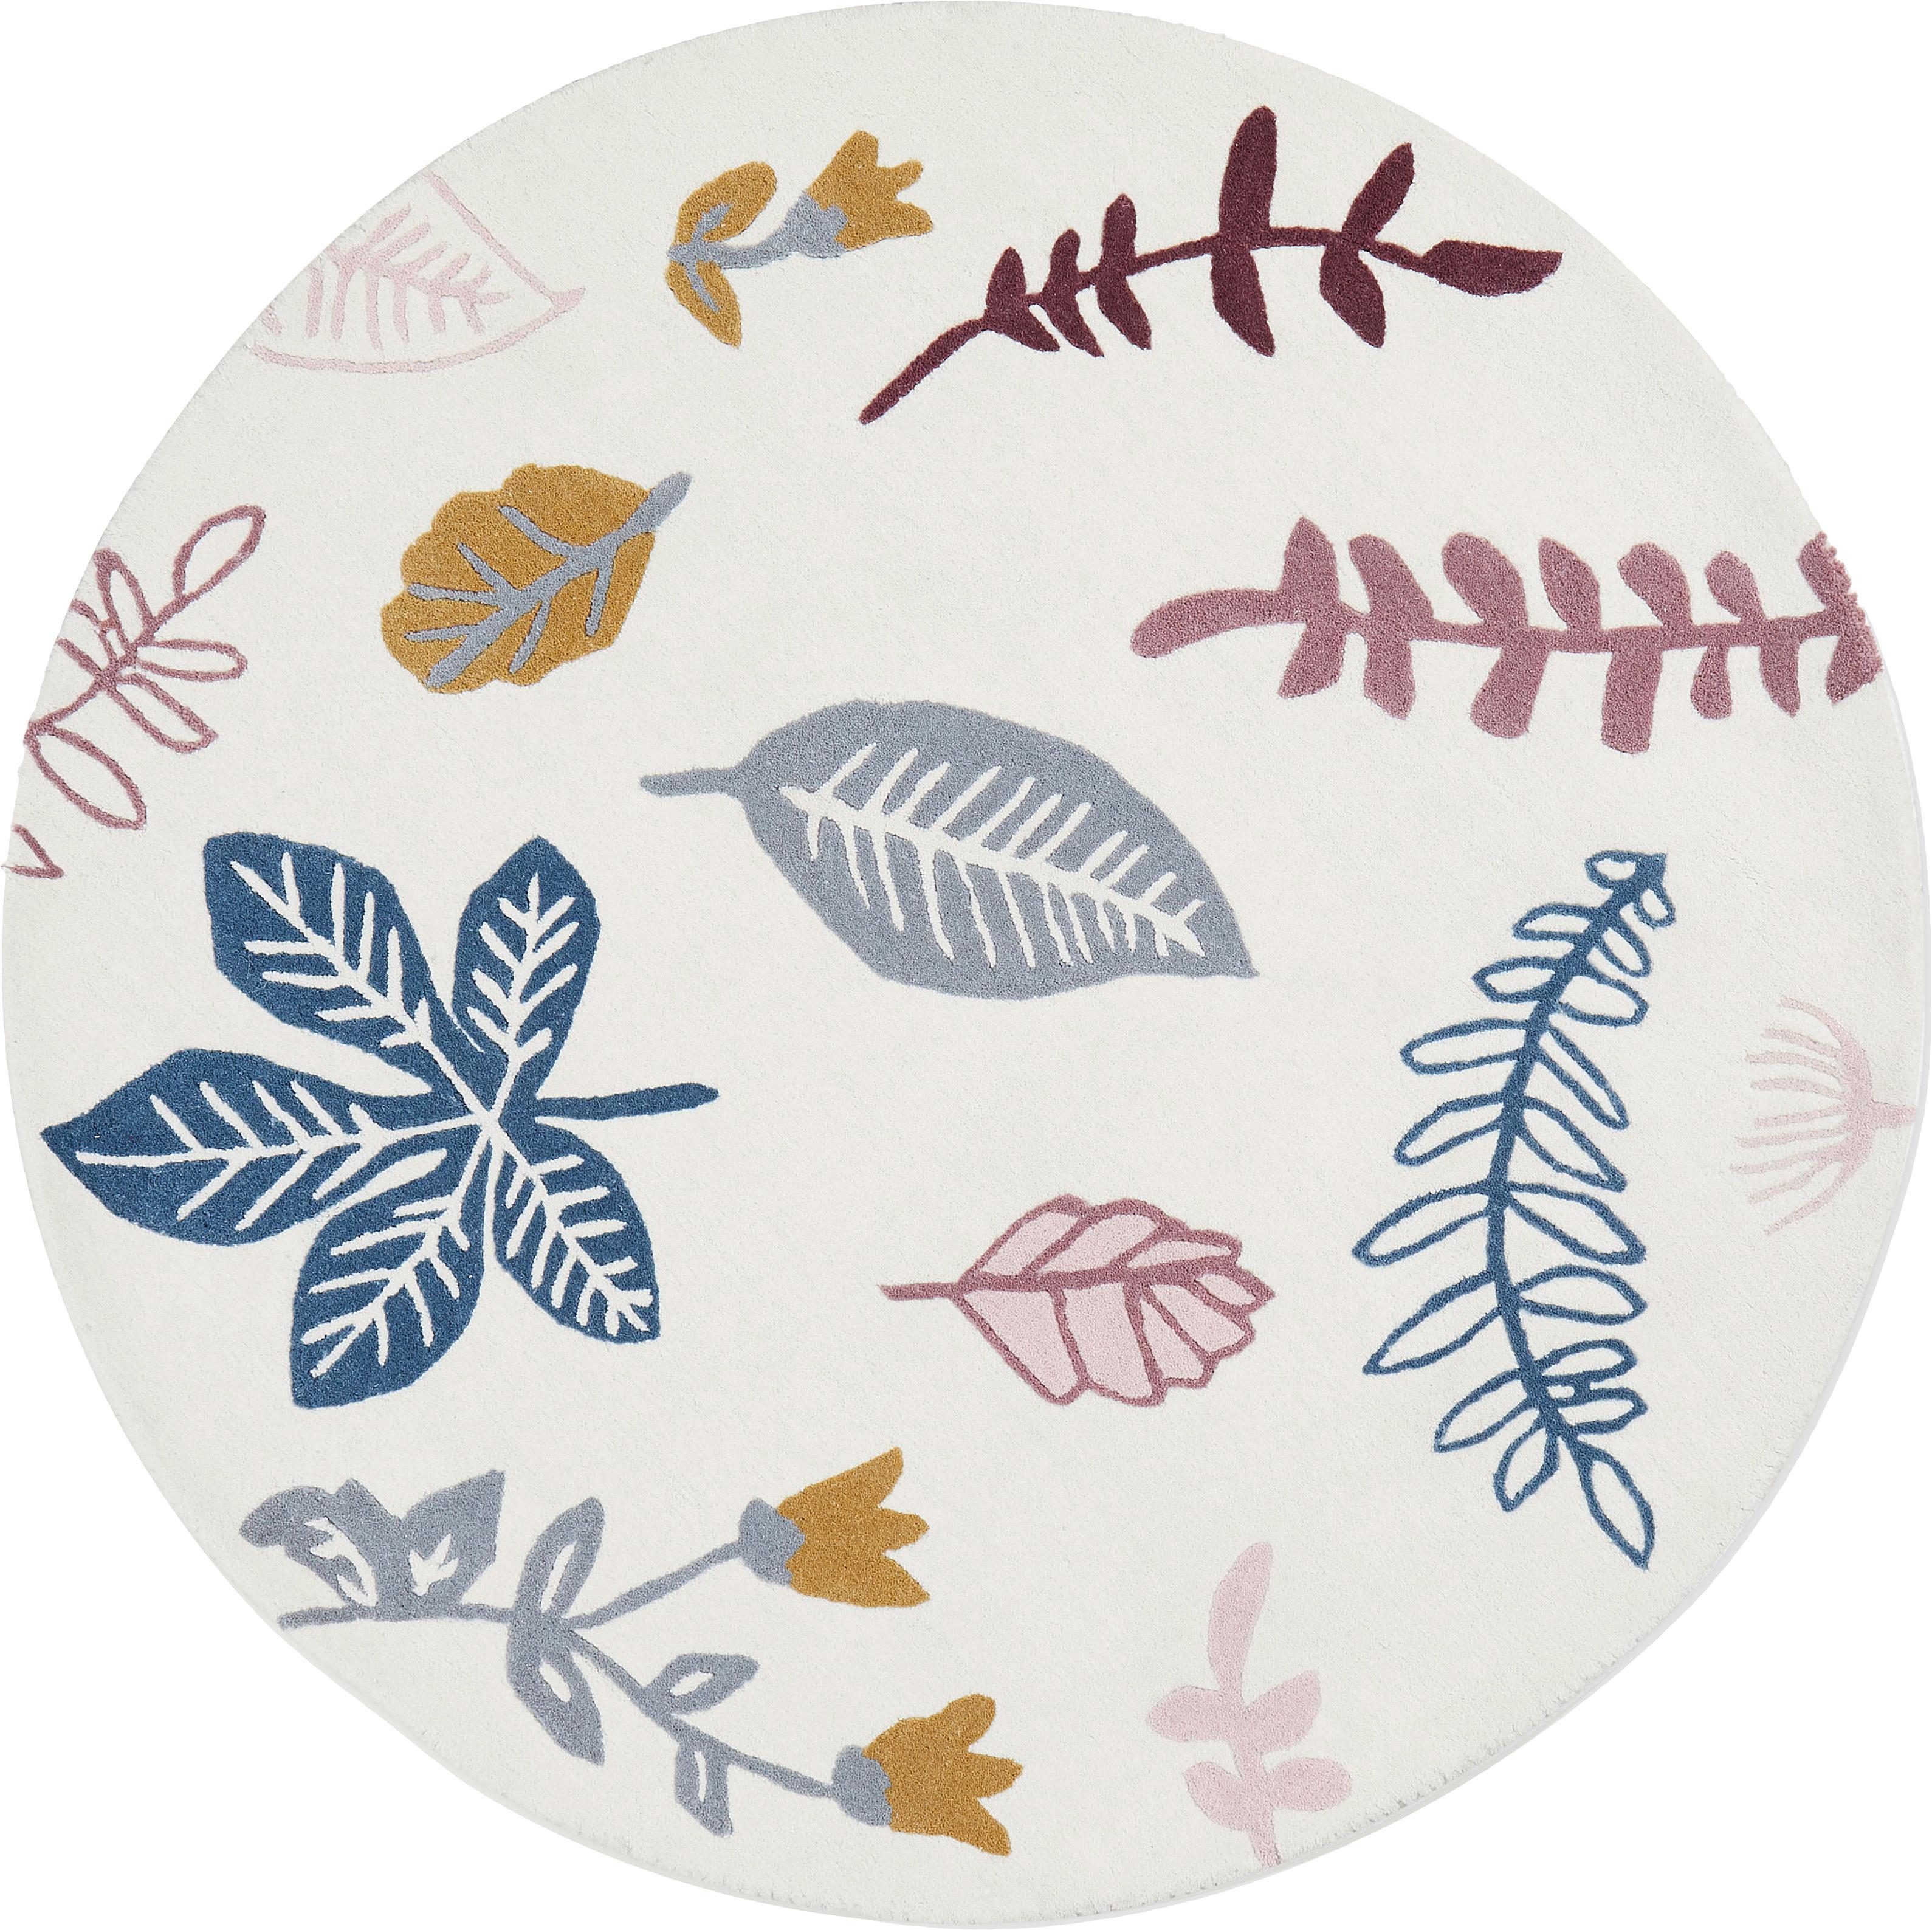 Alfombra de lana Pressed Leaves, Lana, Crema, rosa, azul, gris, amarillo, Ø 110 cm